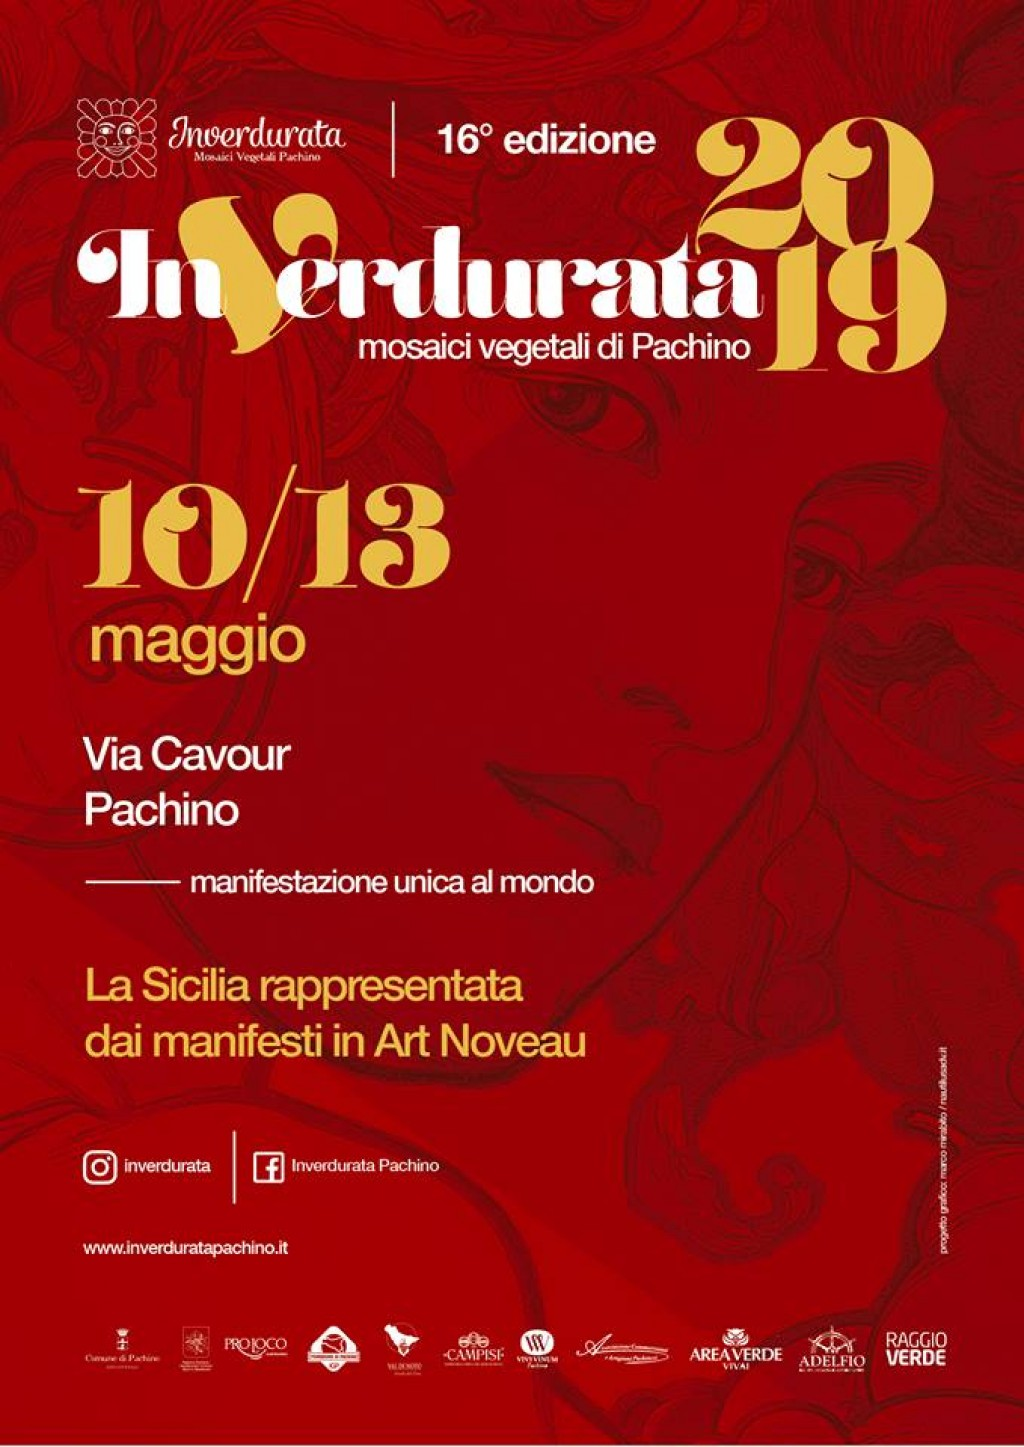 Sedicesima edizione dell' Inverdurata a Pachino